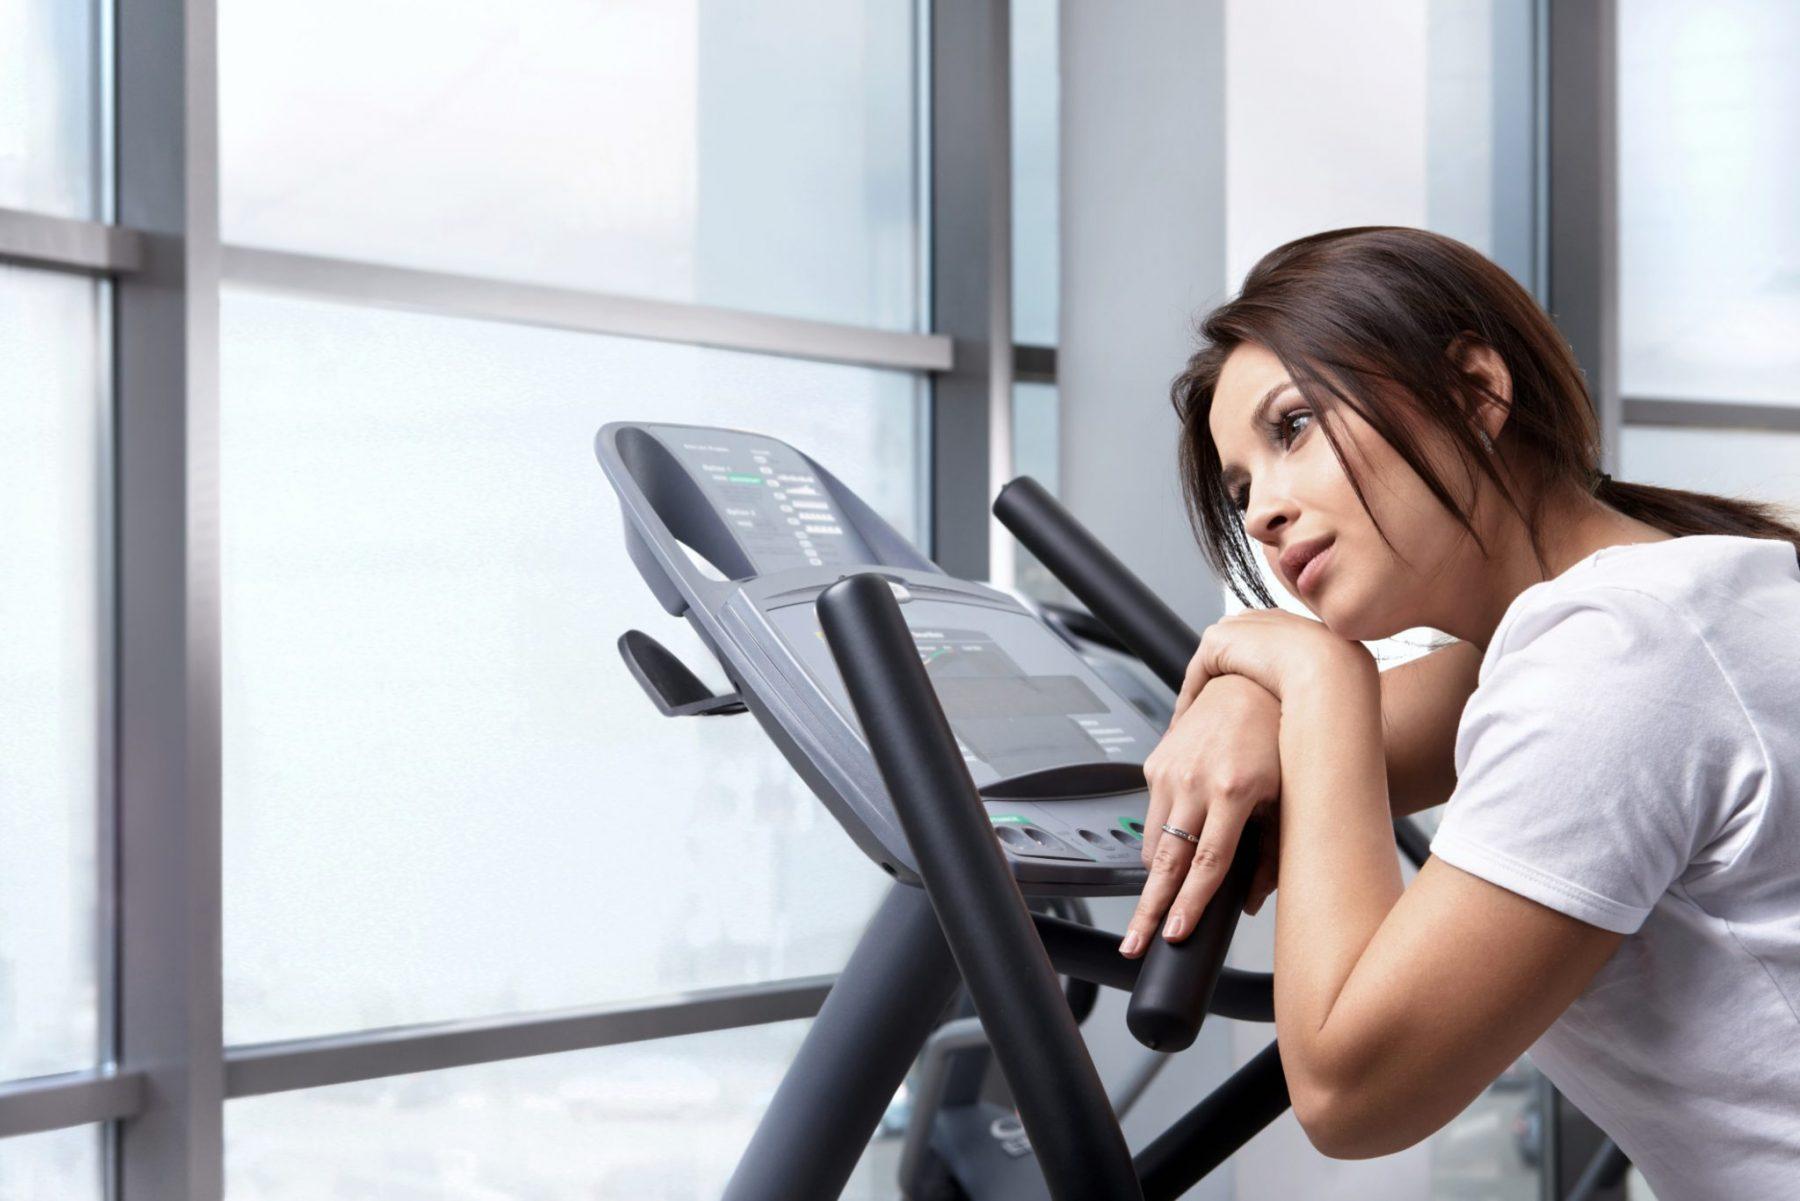 Не могу уснуть после тренировки - причины бессоницы после бега и советы, как бороться